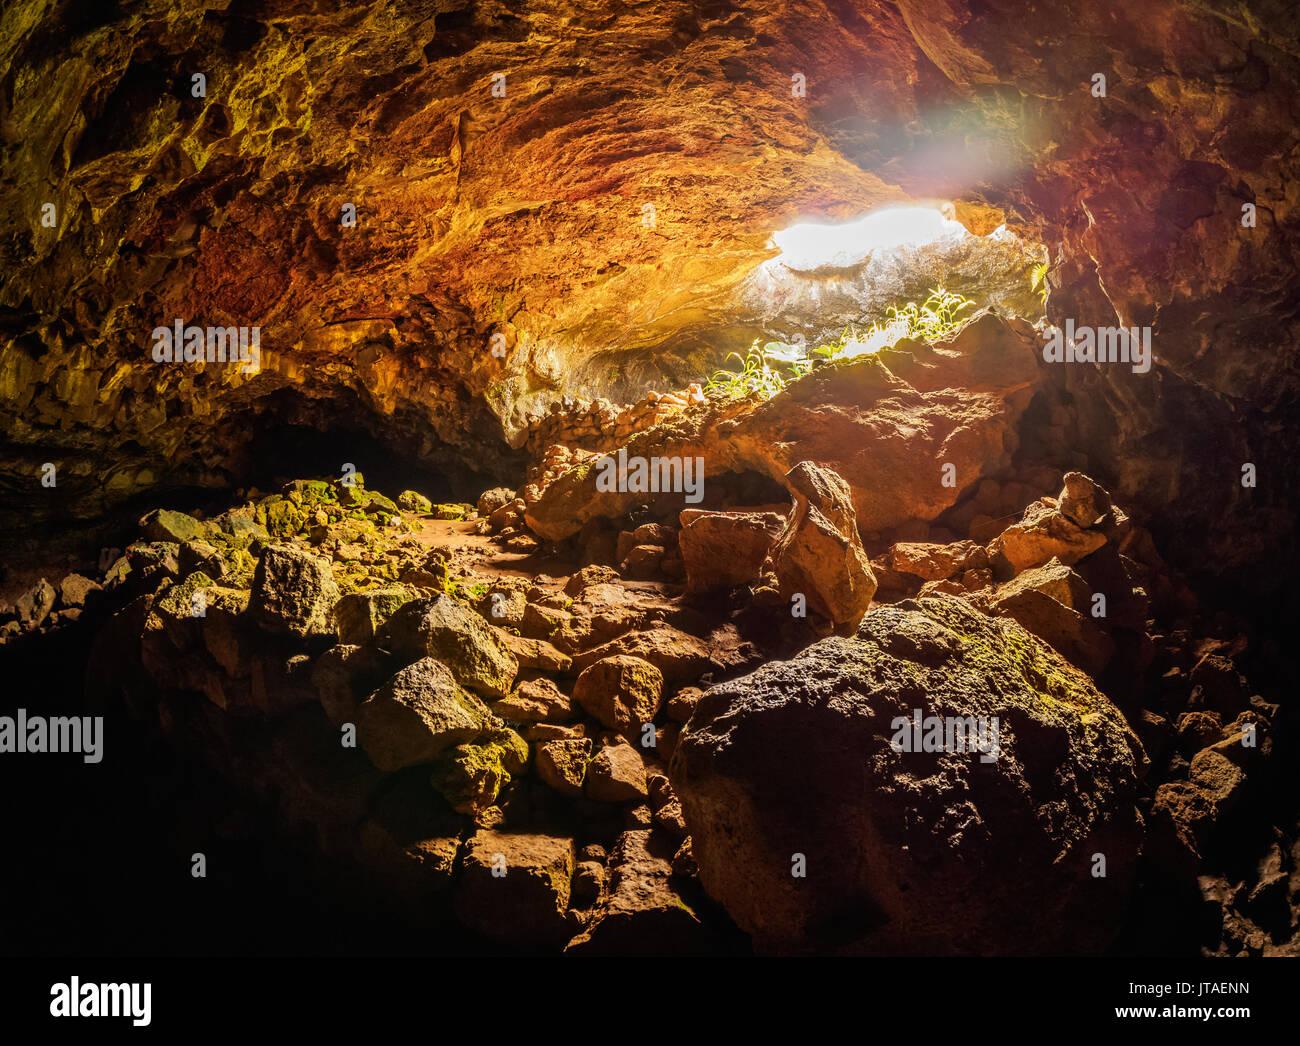 Ana Te Pahu Cave, parc national de Rapa Nui, Site du patrimoine mondial de l'UNESCO, l'île de Pâques, Chili, Amérique du Sud Photo Stock